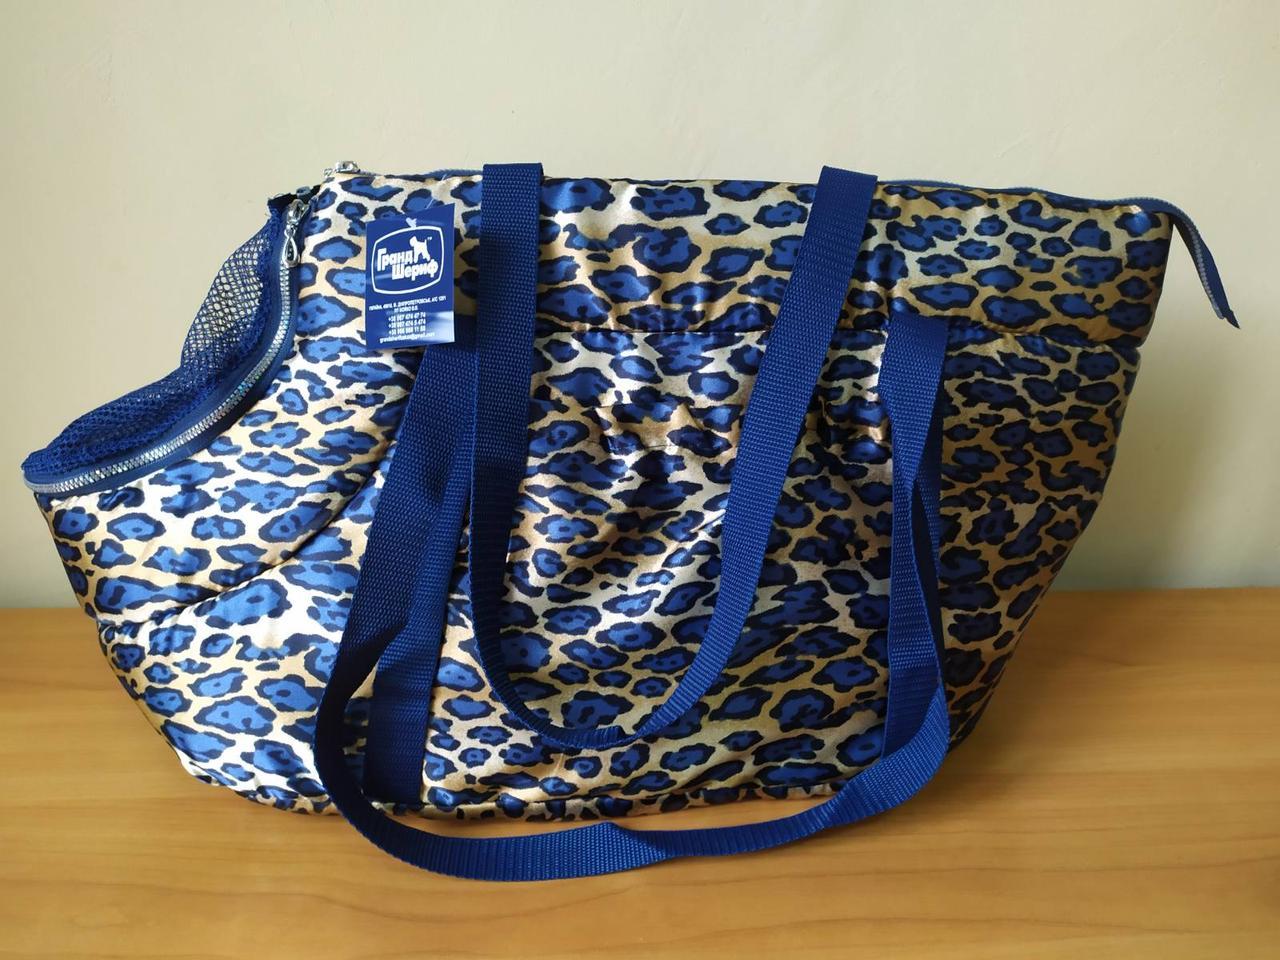 Сумка-переноска размер 2 Гранд Шериф 52х26х28см (синяя леопард)